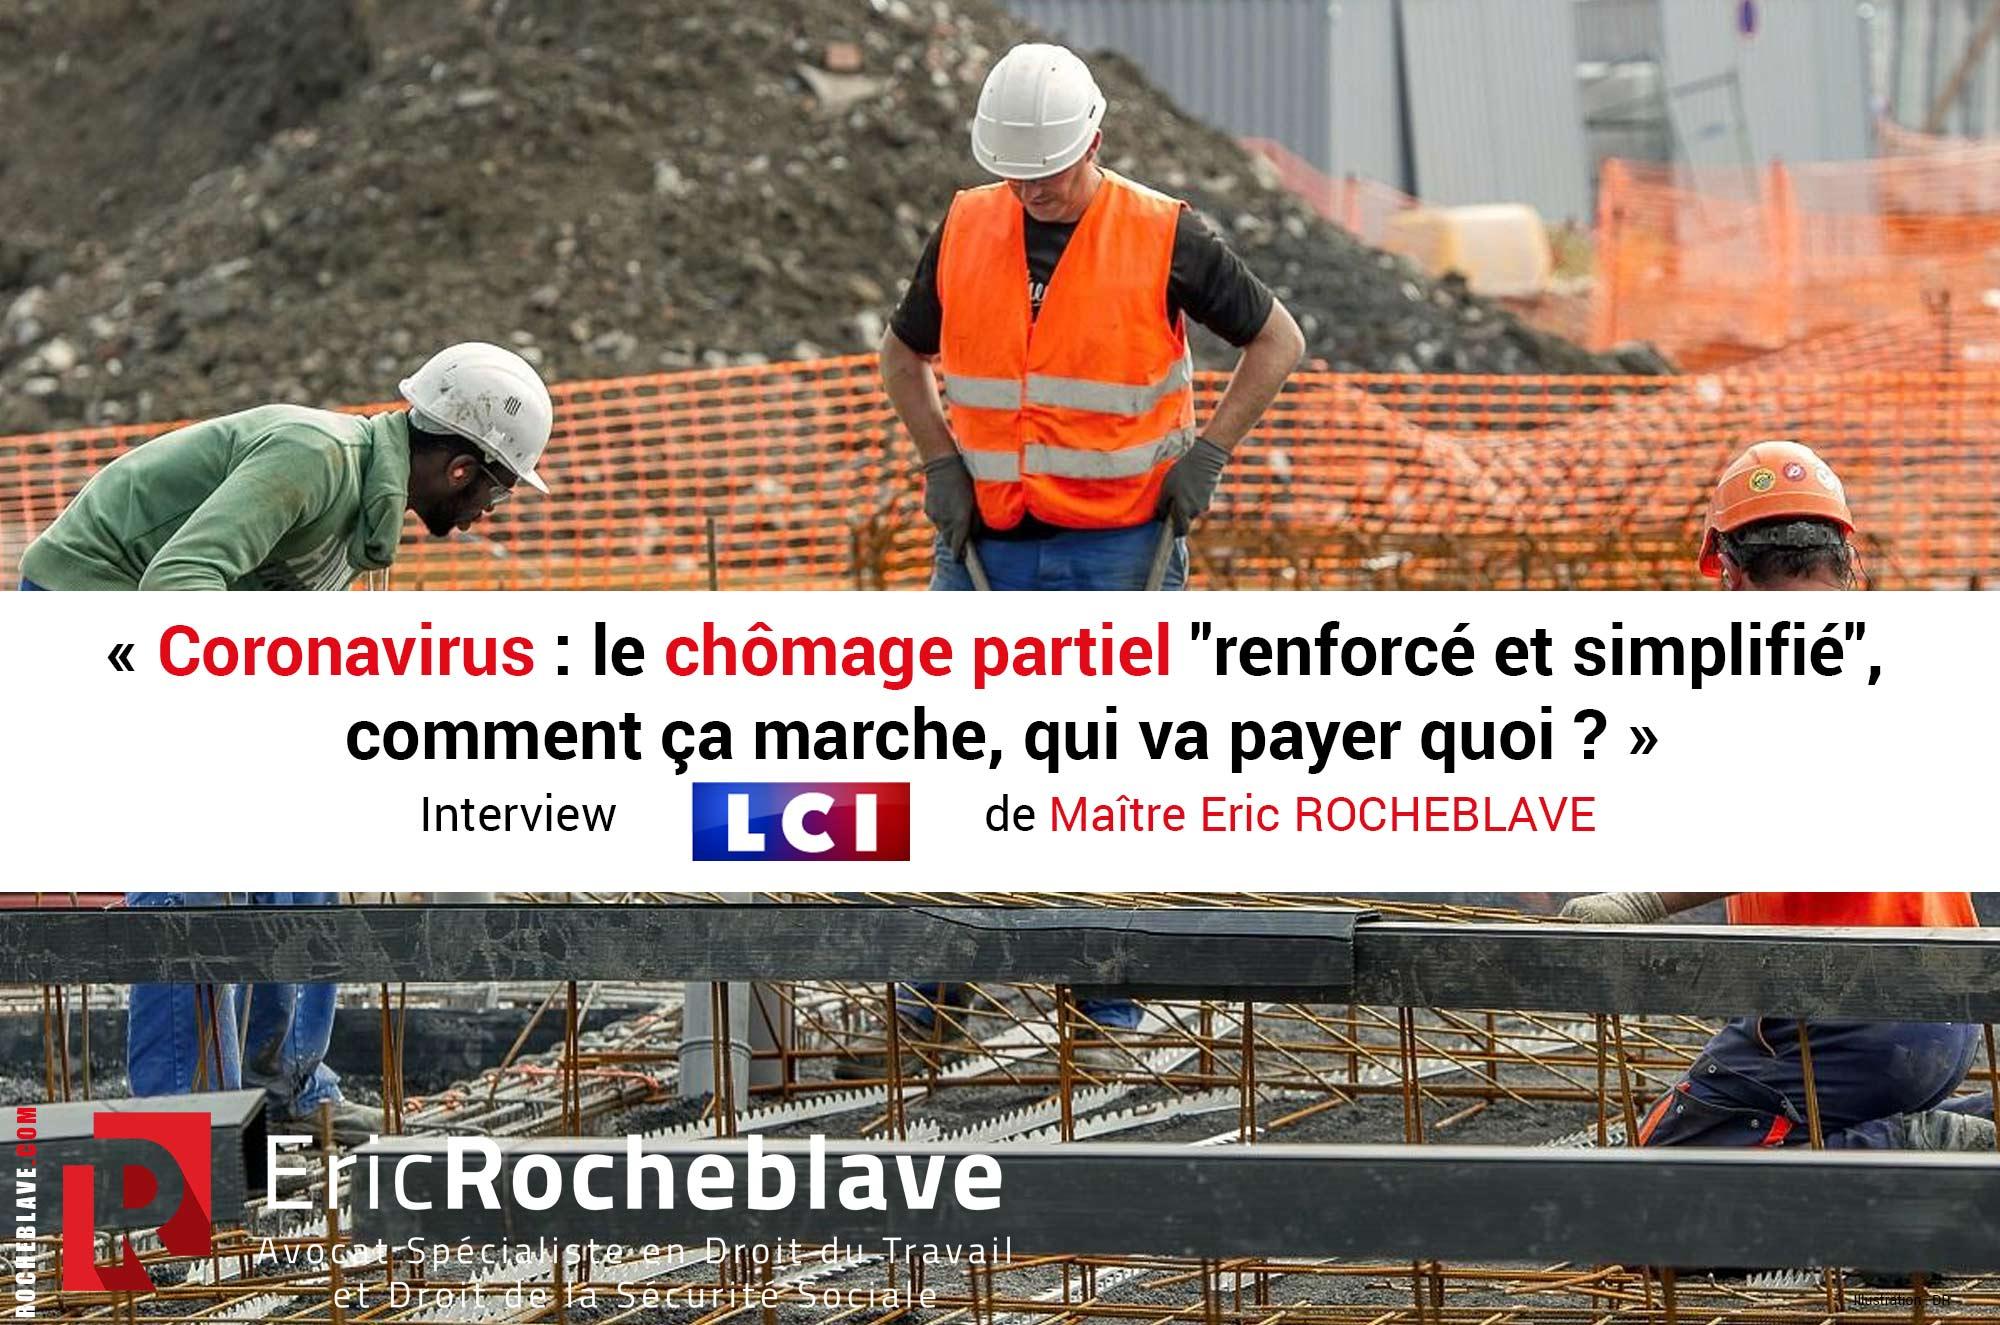 """« Coronavirus : le chômage partiel """"renforcé et simplifié"""",  comment ça marche, qui va payer quoi ? » Interview LCI de Maître Eric ROCHEBLAVE"""